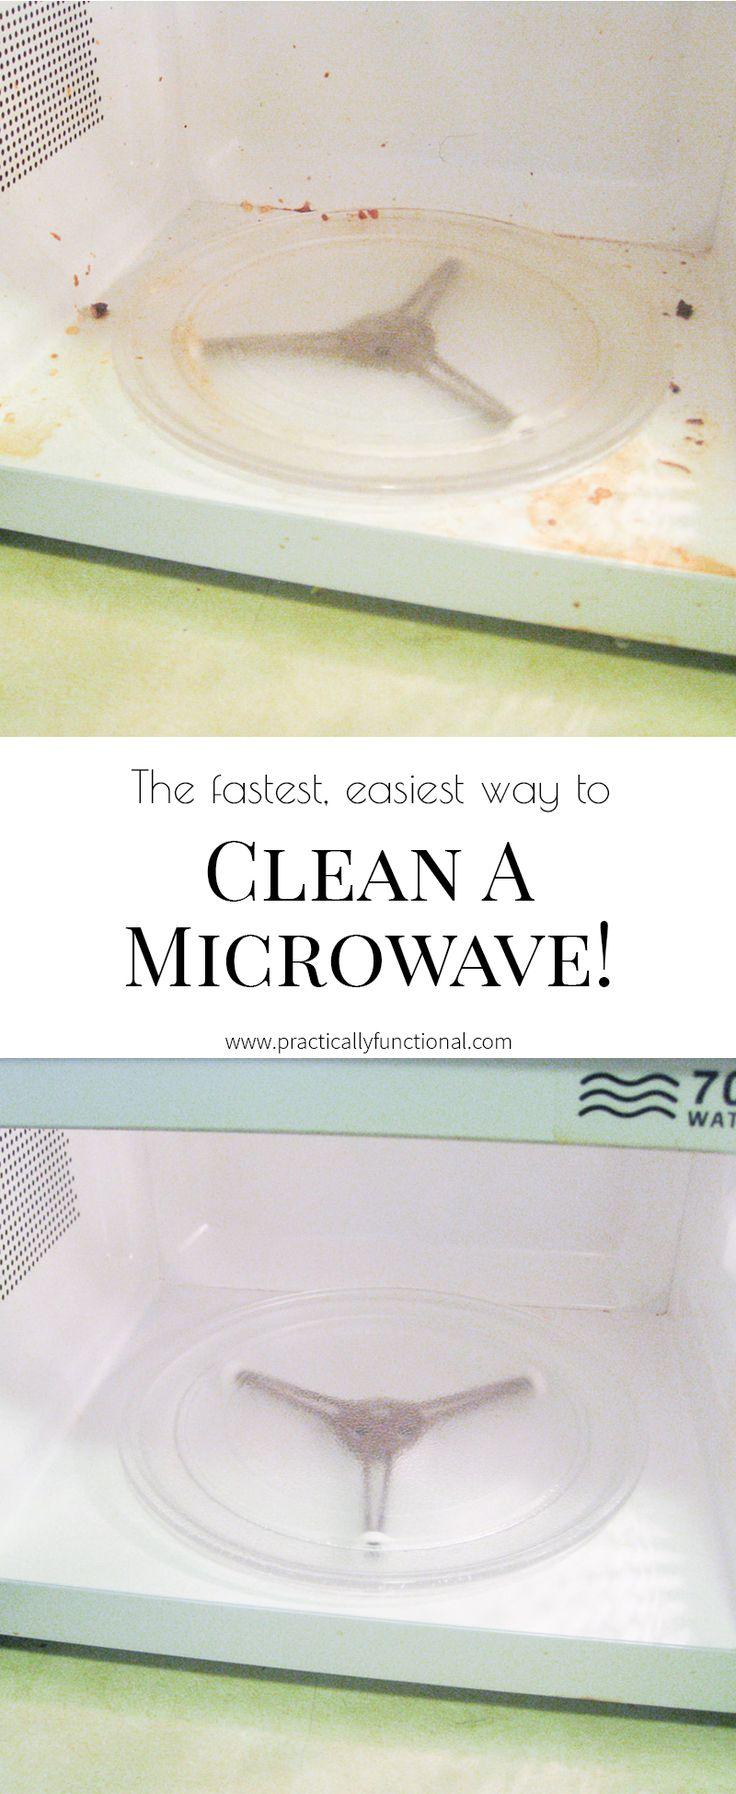 Reinigen Sie eine Mikrowelle in wenigen Minuten!  Alles, was Sie brauchen, ist Essig und Wasser!